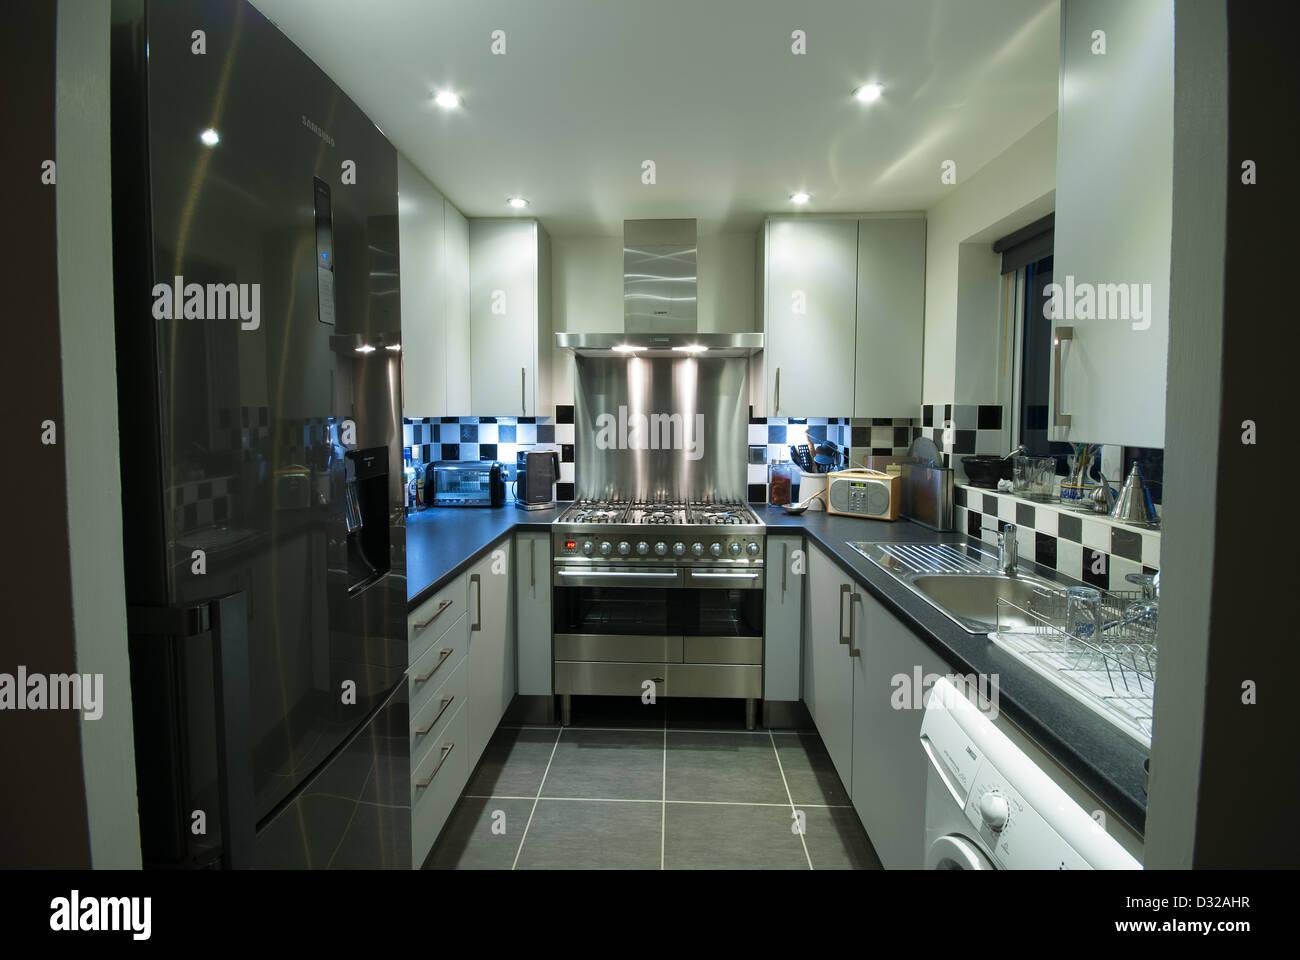 A Small, Modern Domestic Kitchen With A Fridge Freezer, Washing Machine,  Range Part 64